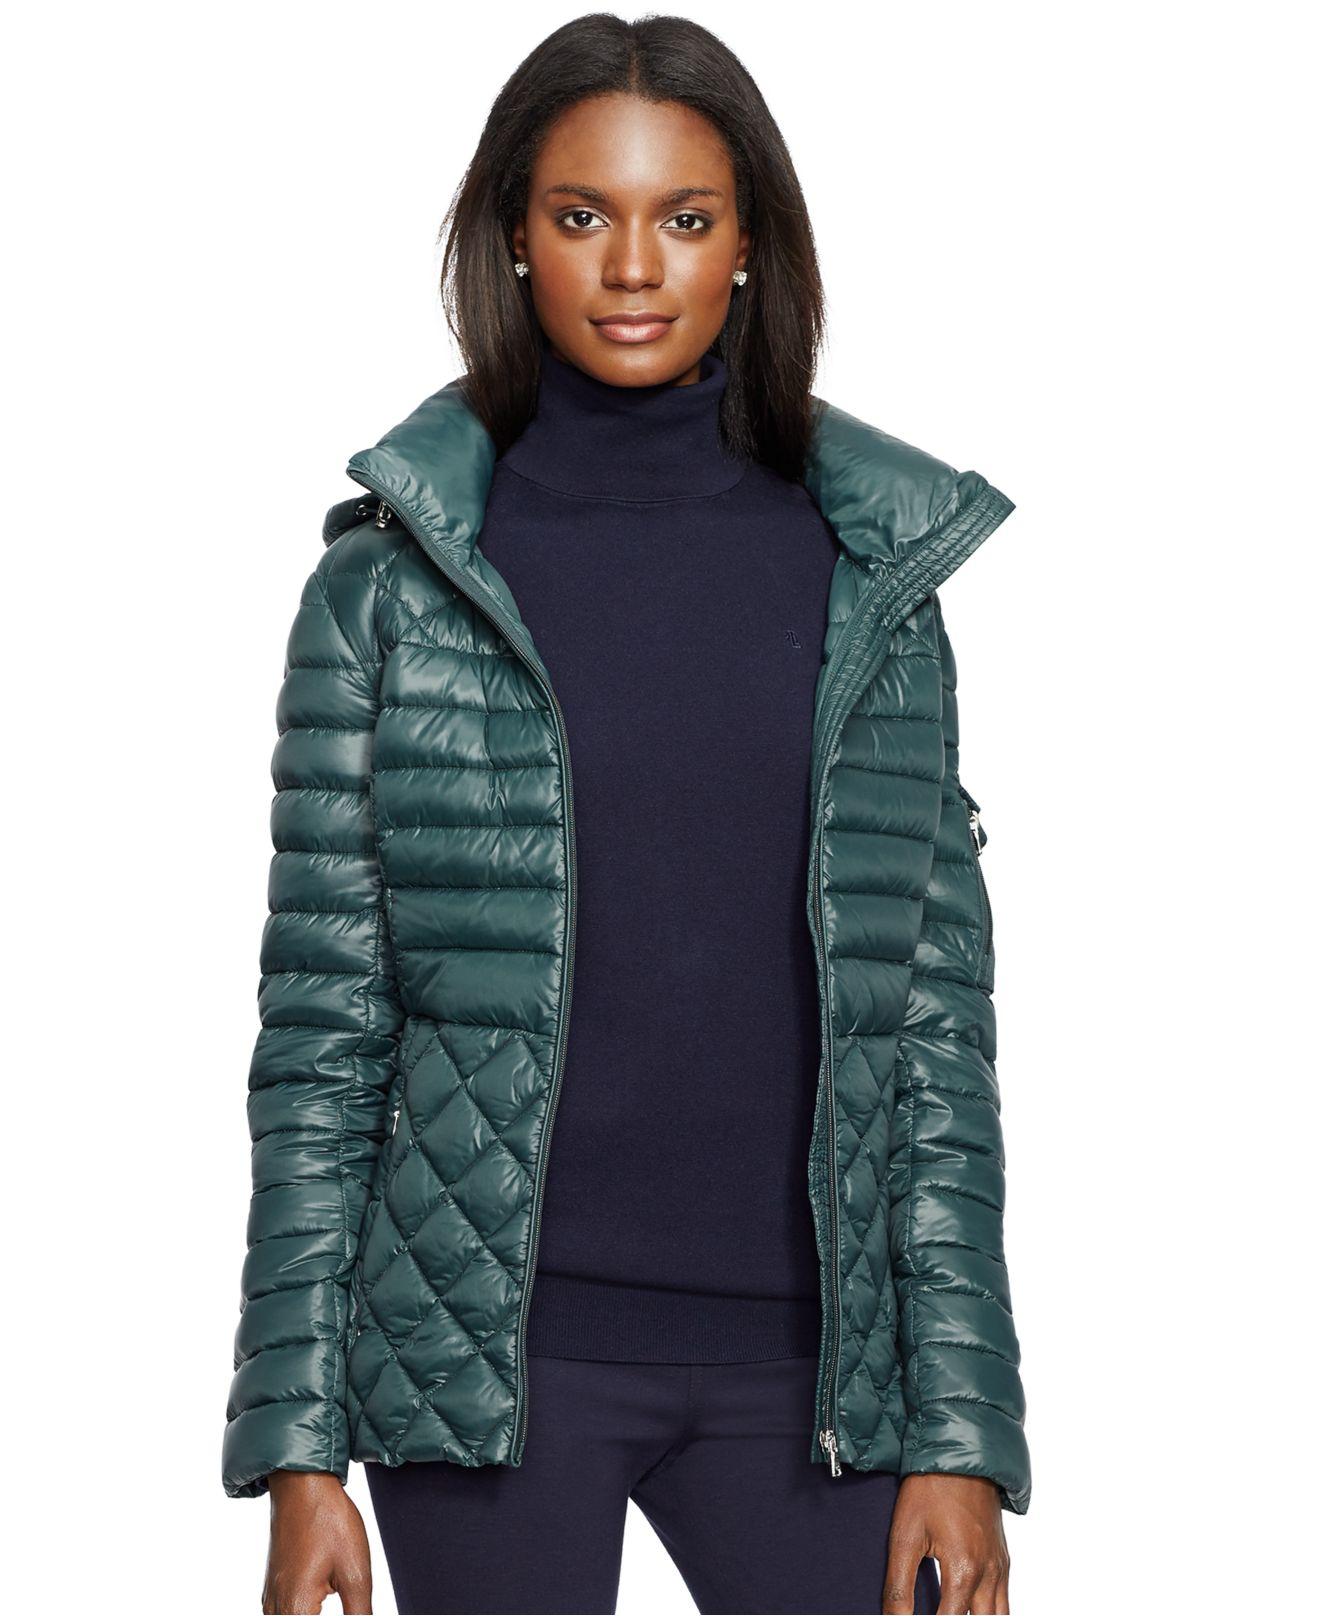 Lyst - Lauren By Ralph Lauren Quilted Puffer Jacket in Green